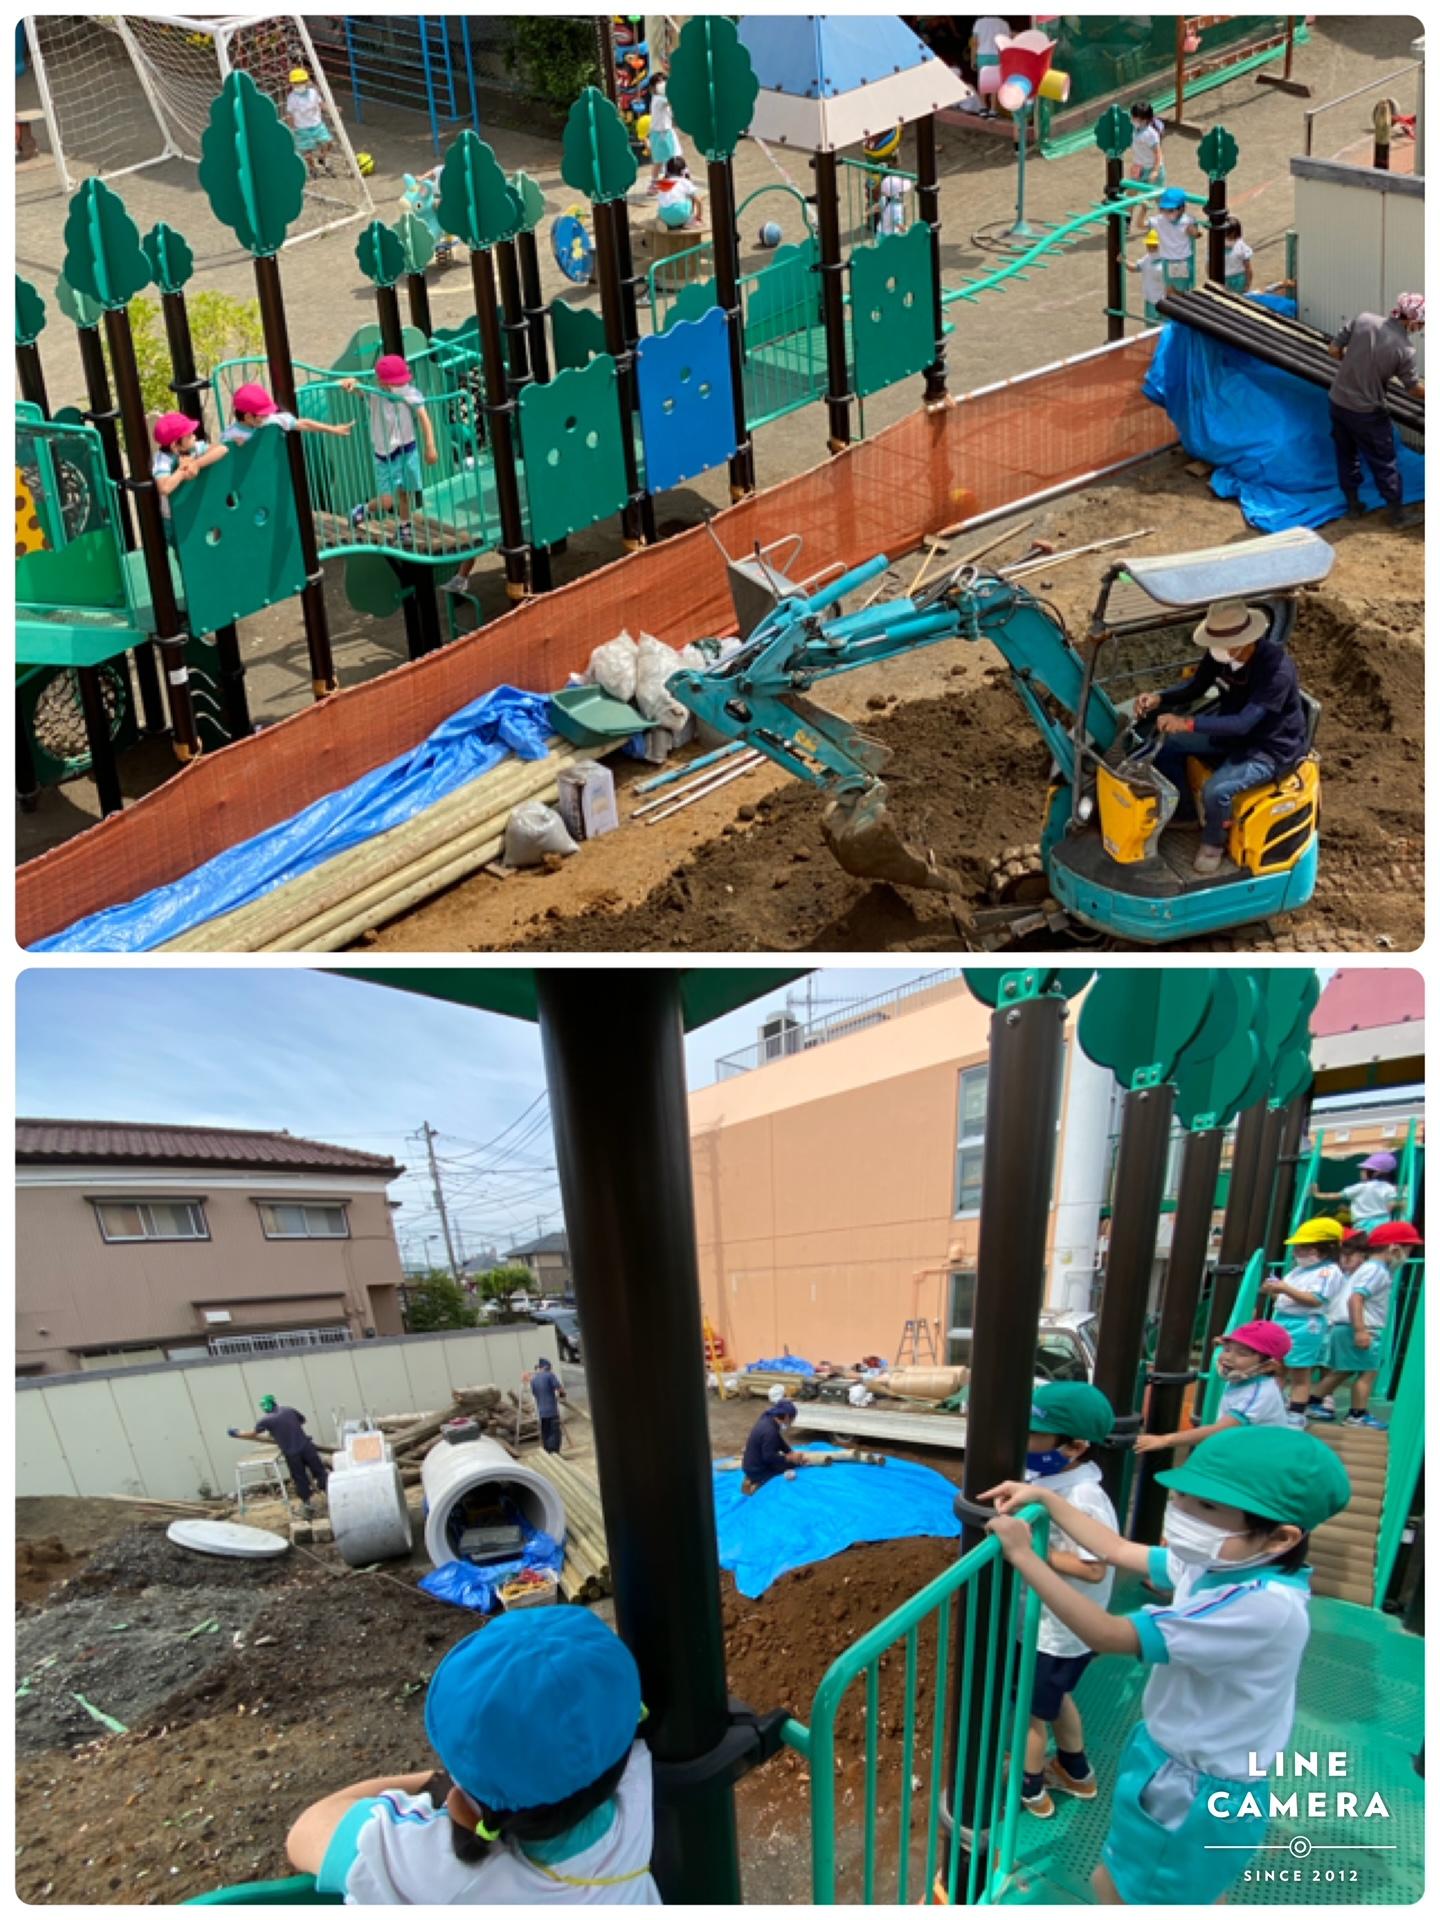 新たな園庭を整備 園児は興味津々